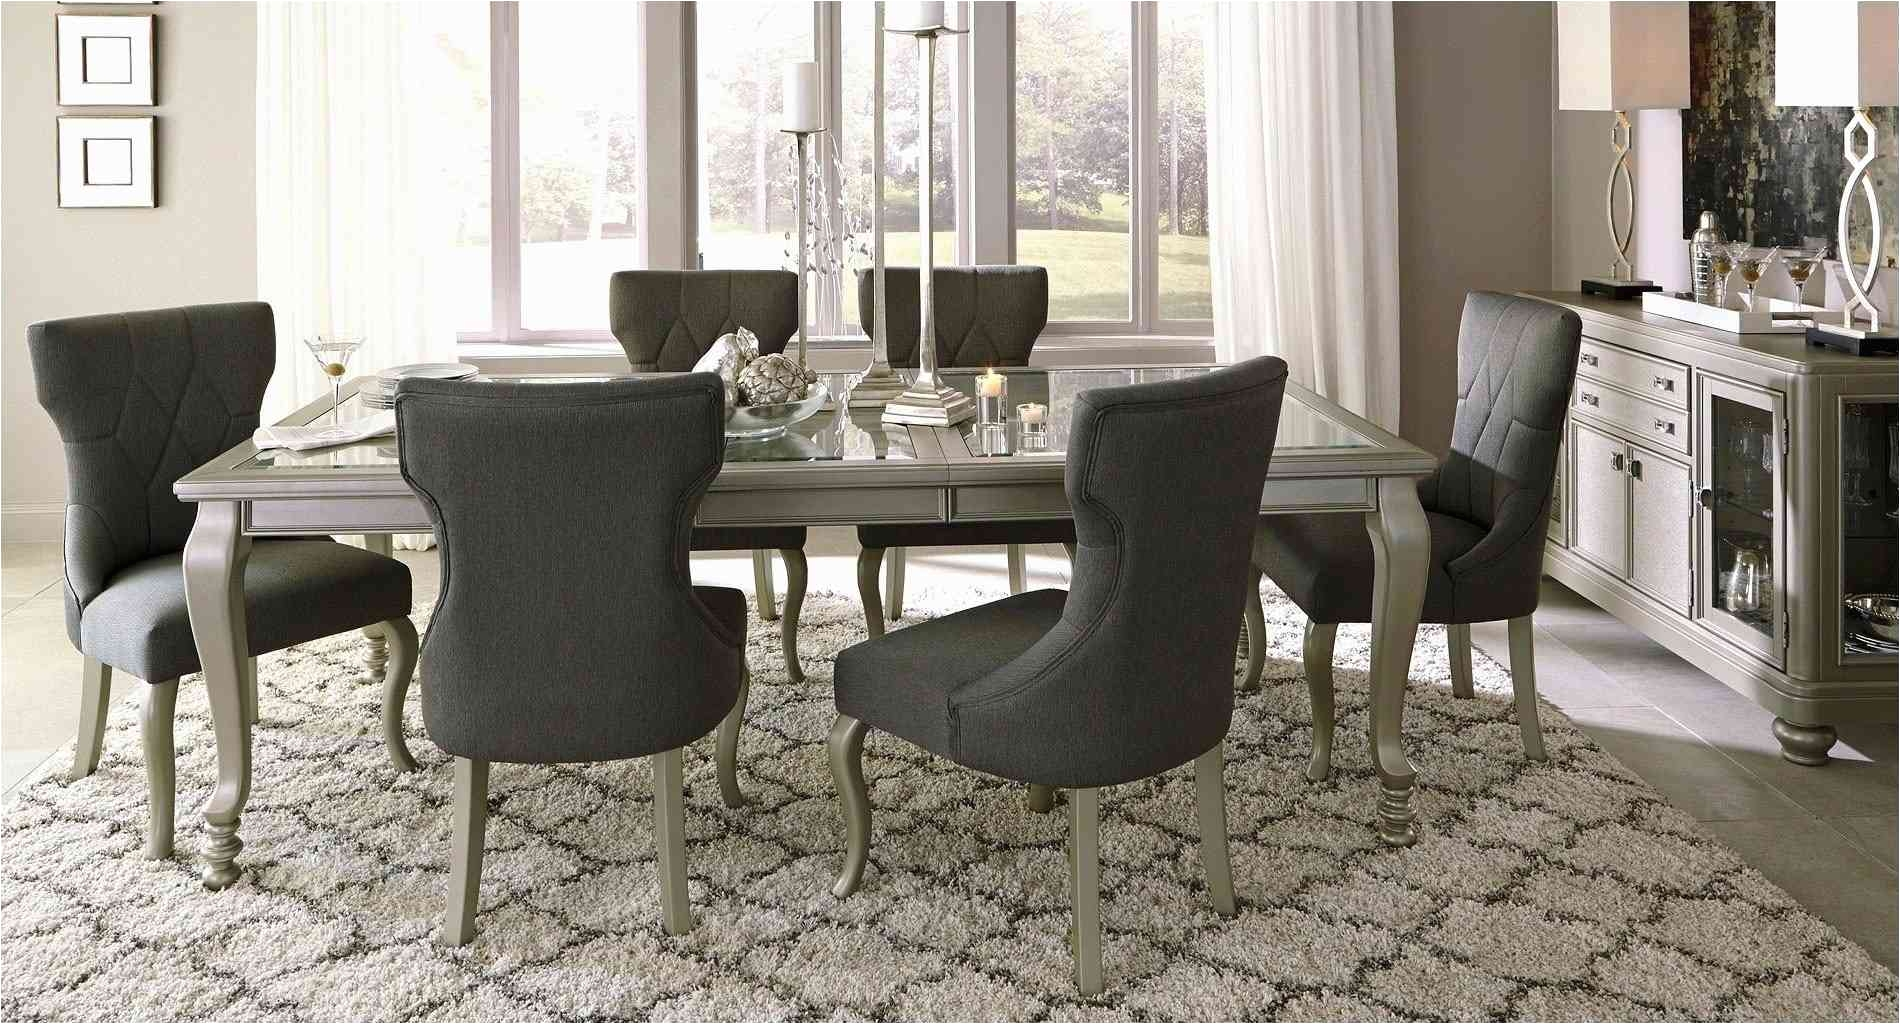 modern home furniture lovely designer chair unique modern house design unique shaker chairs 0d